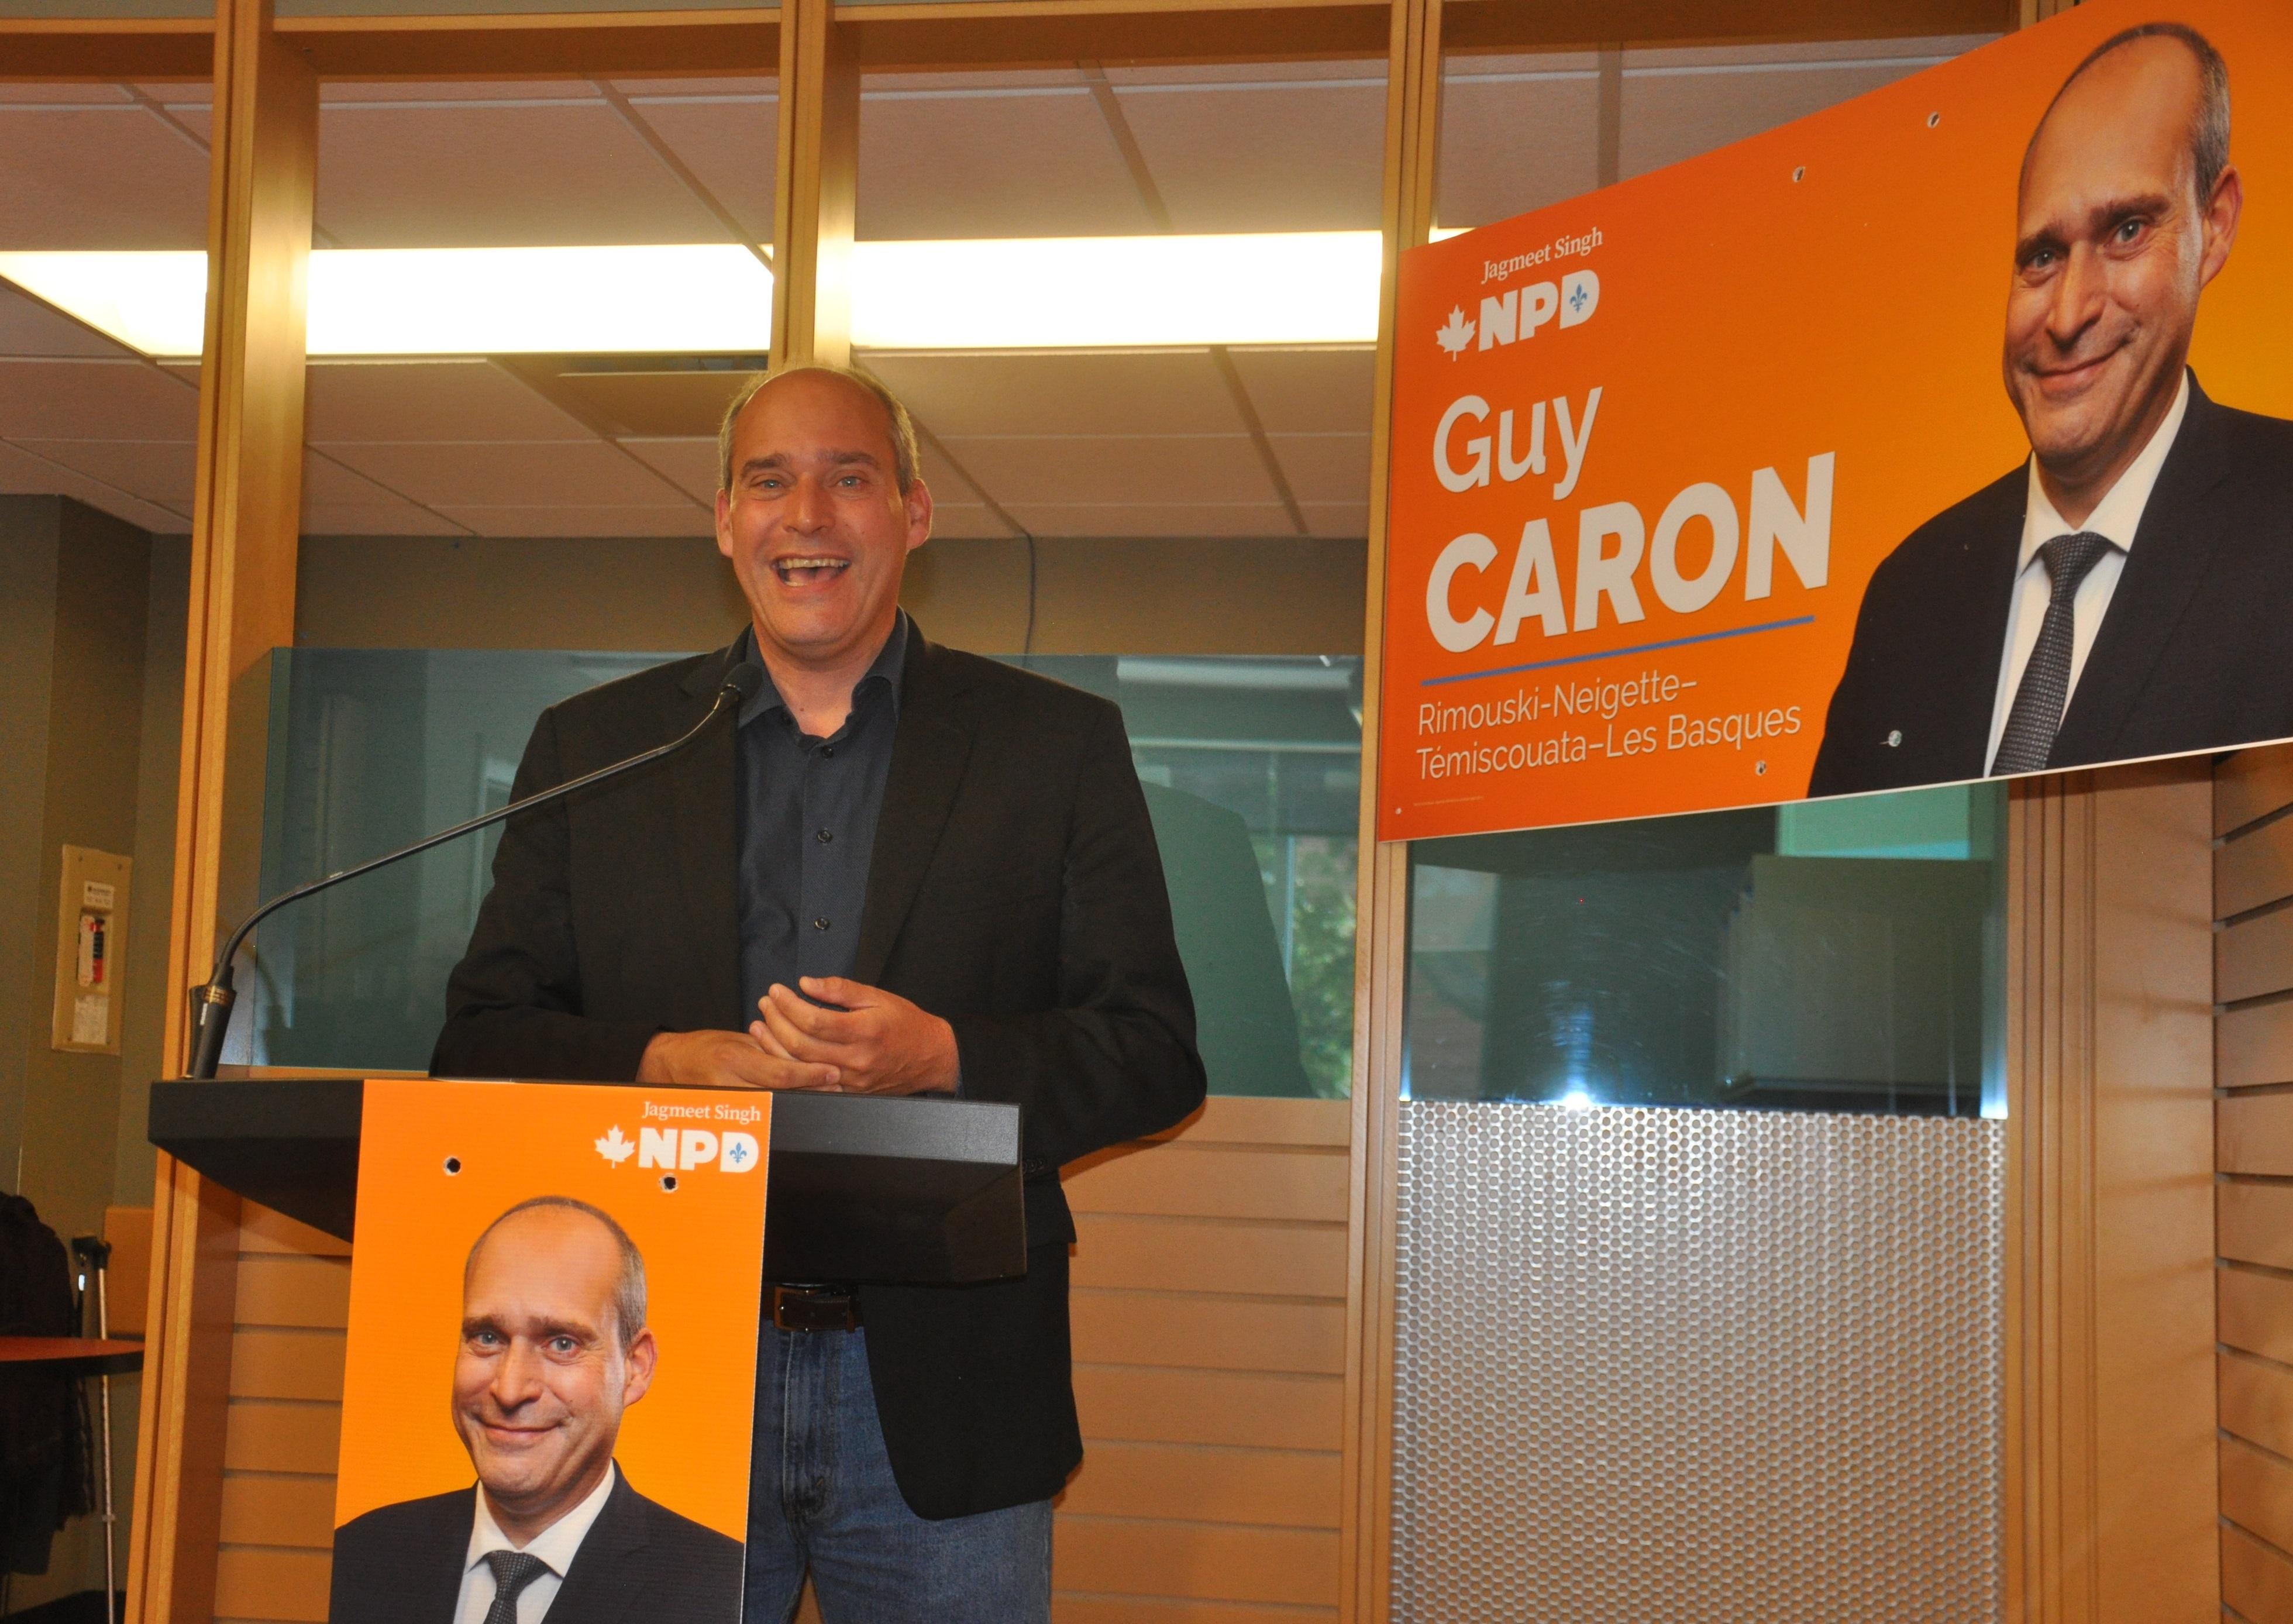 Guy Caron